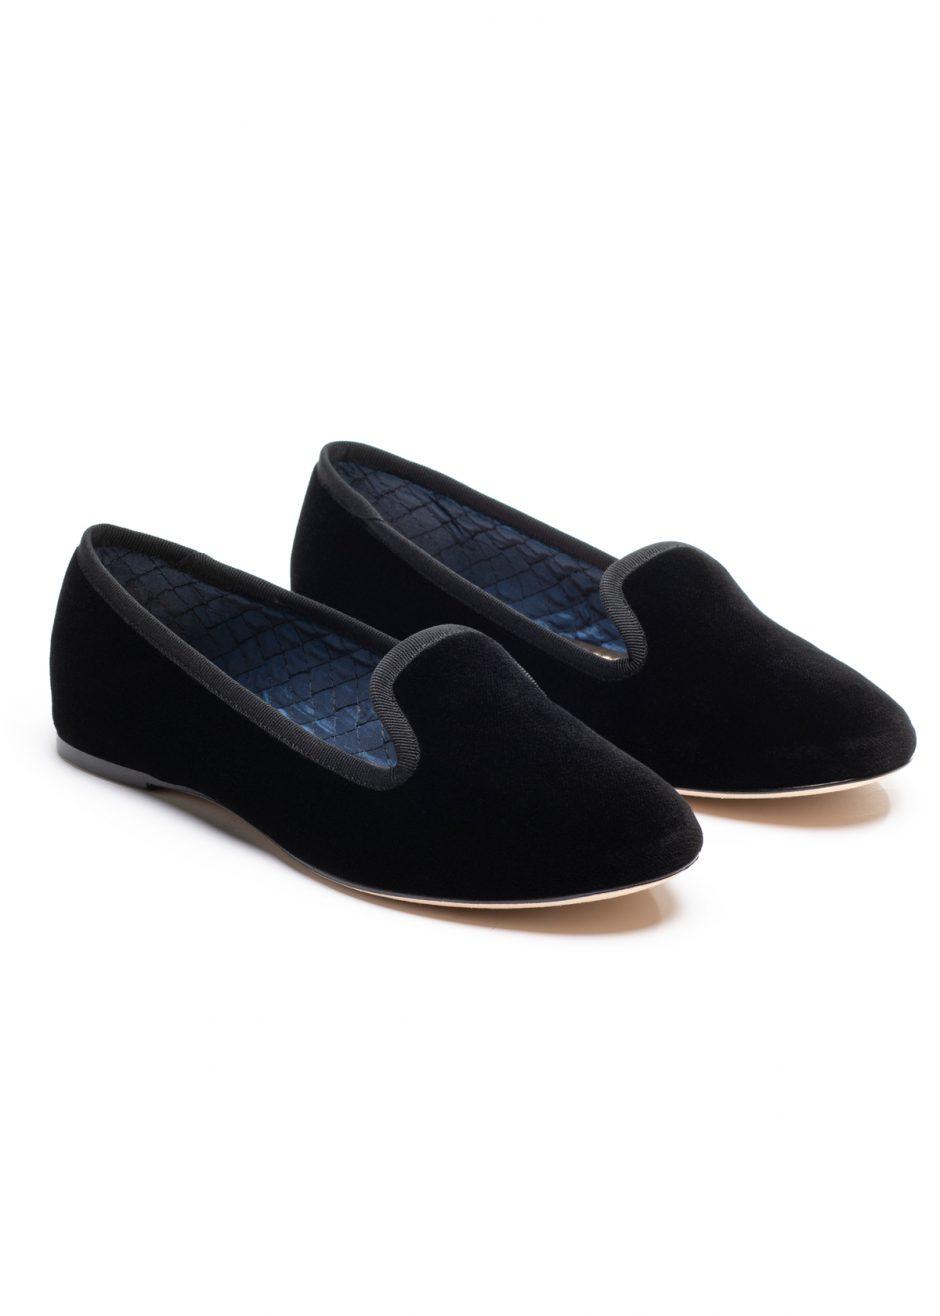 Casanova – Slipper black velvet